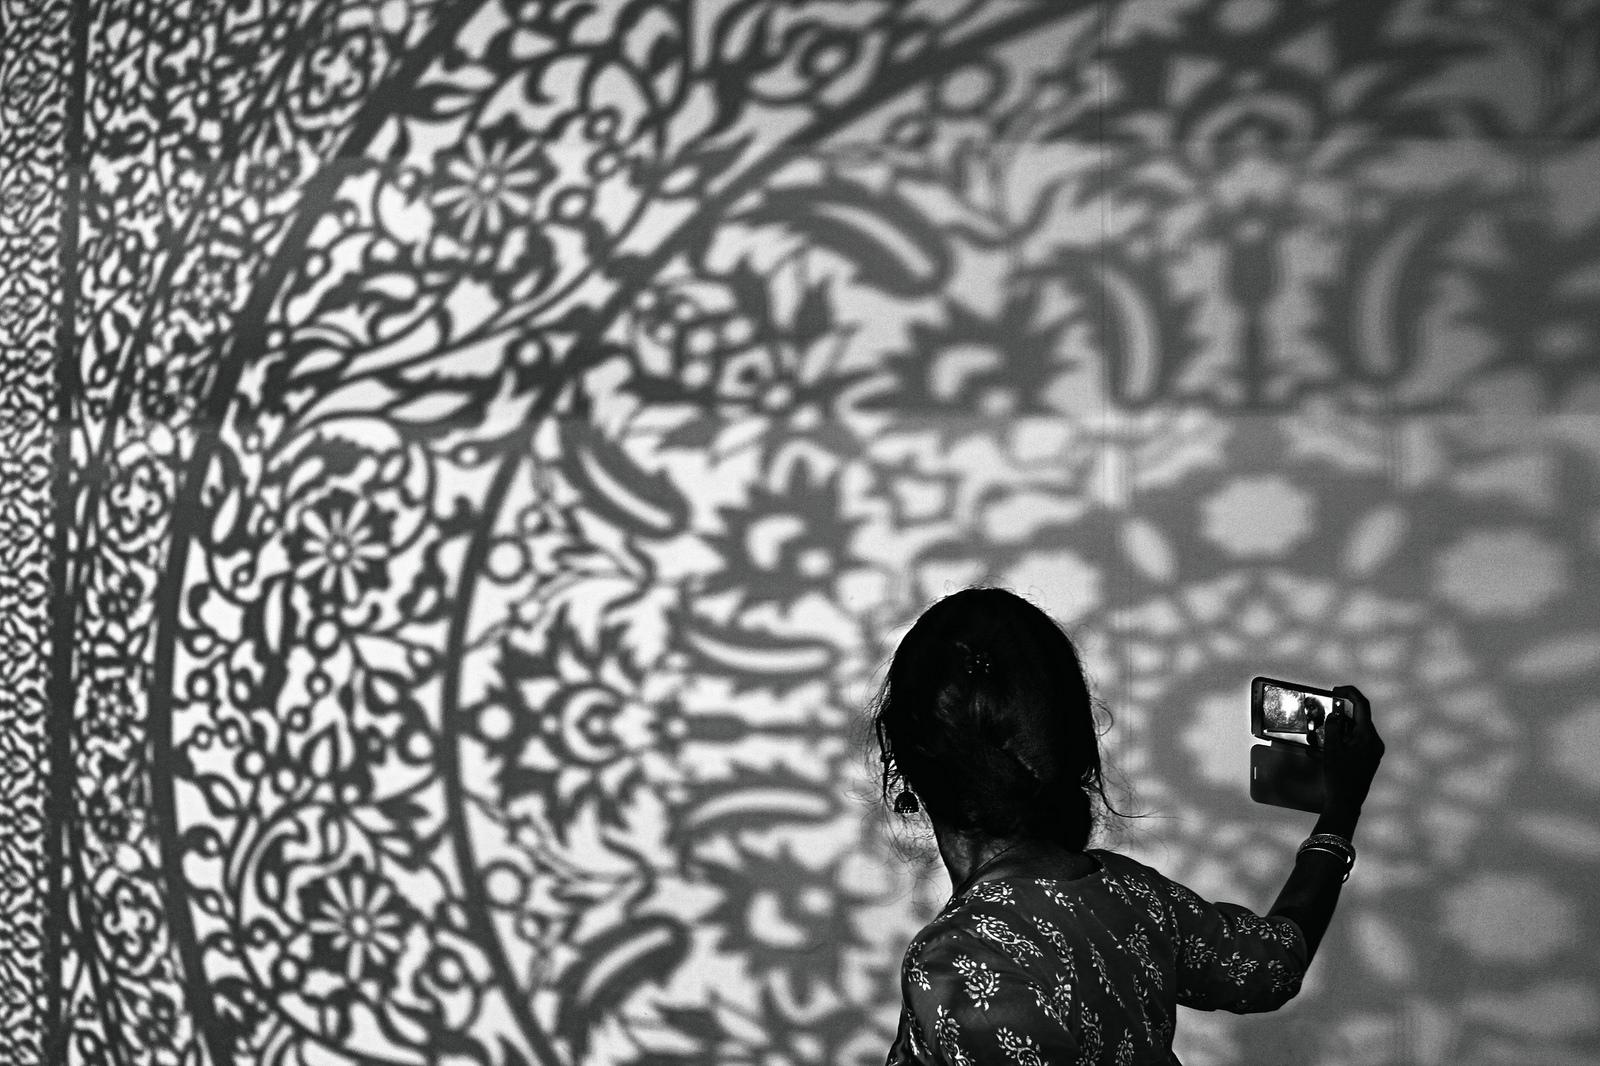 Selfie by Rk Rao